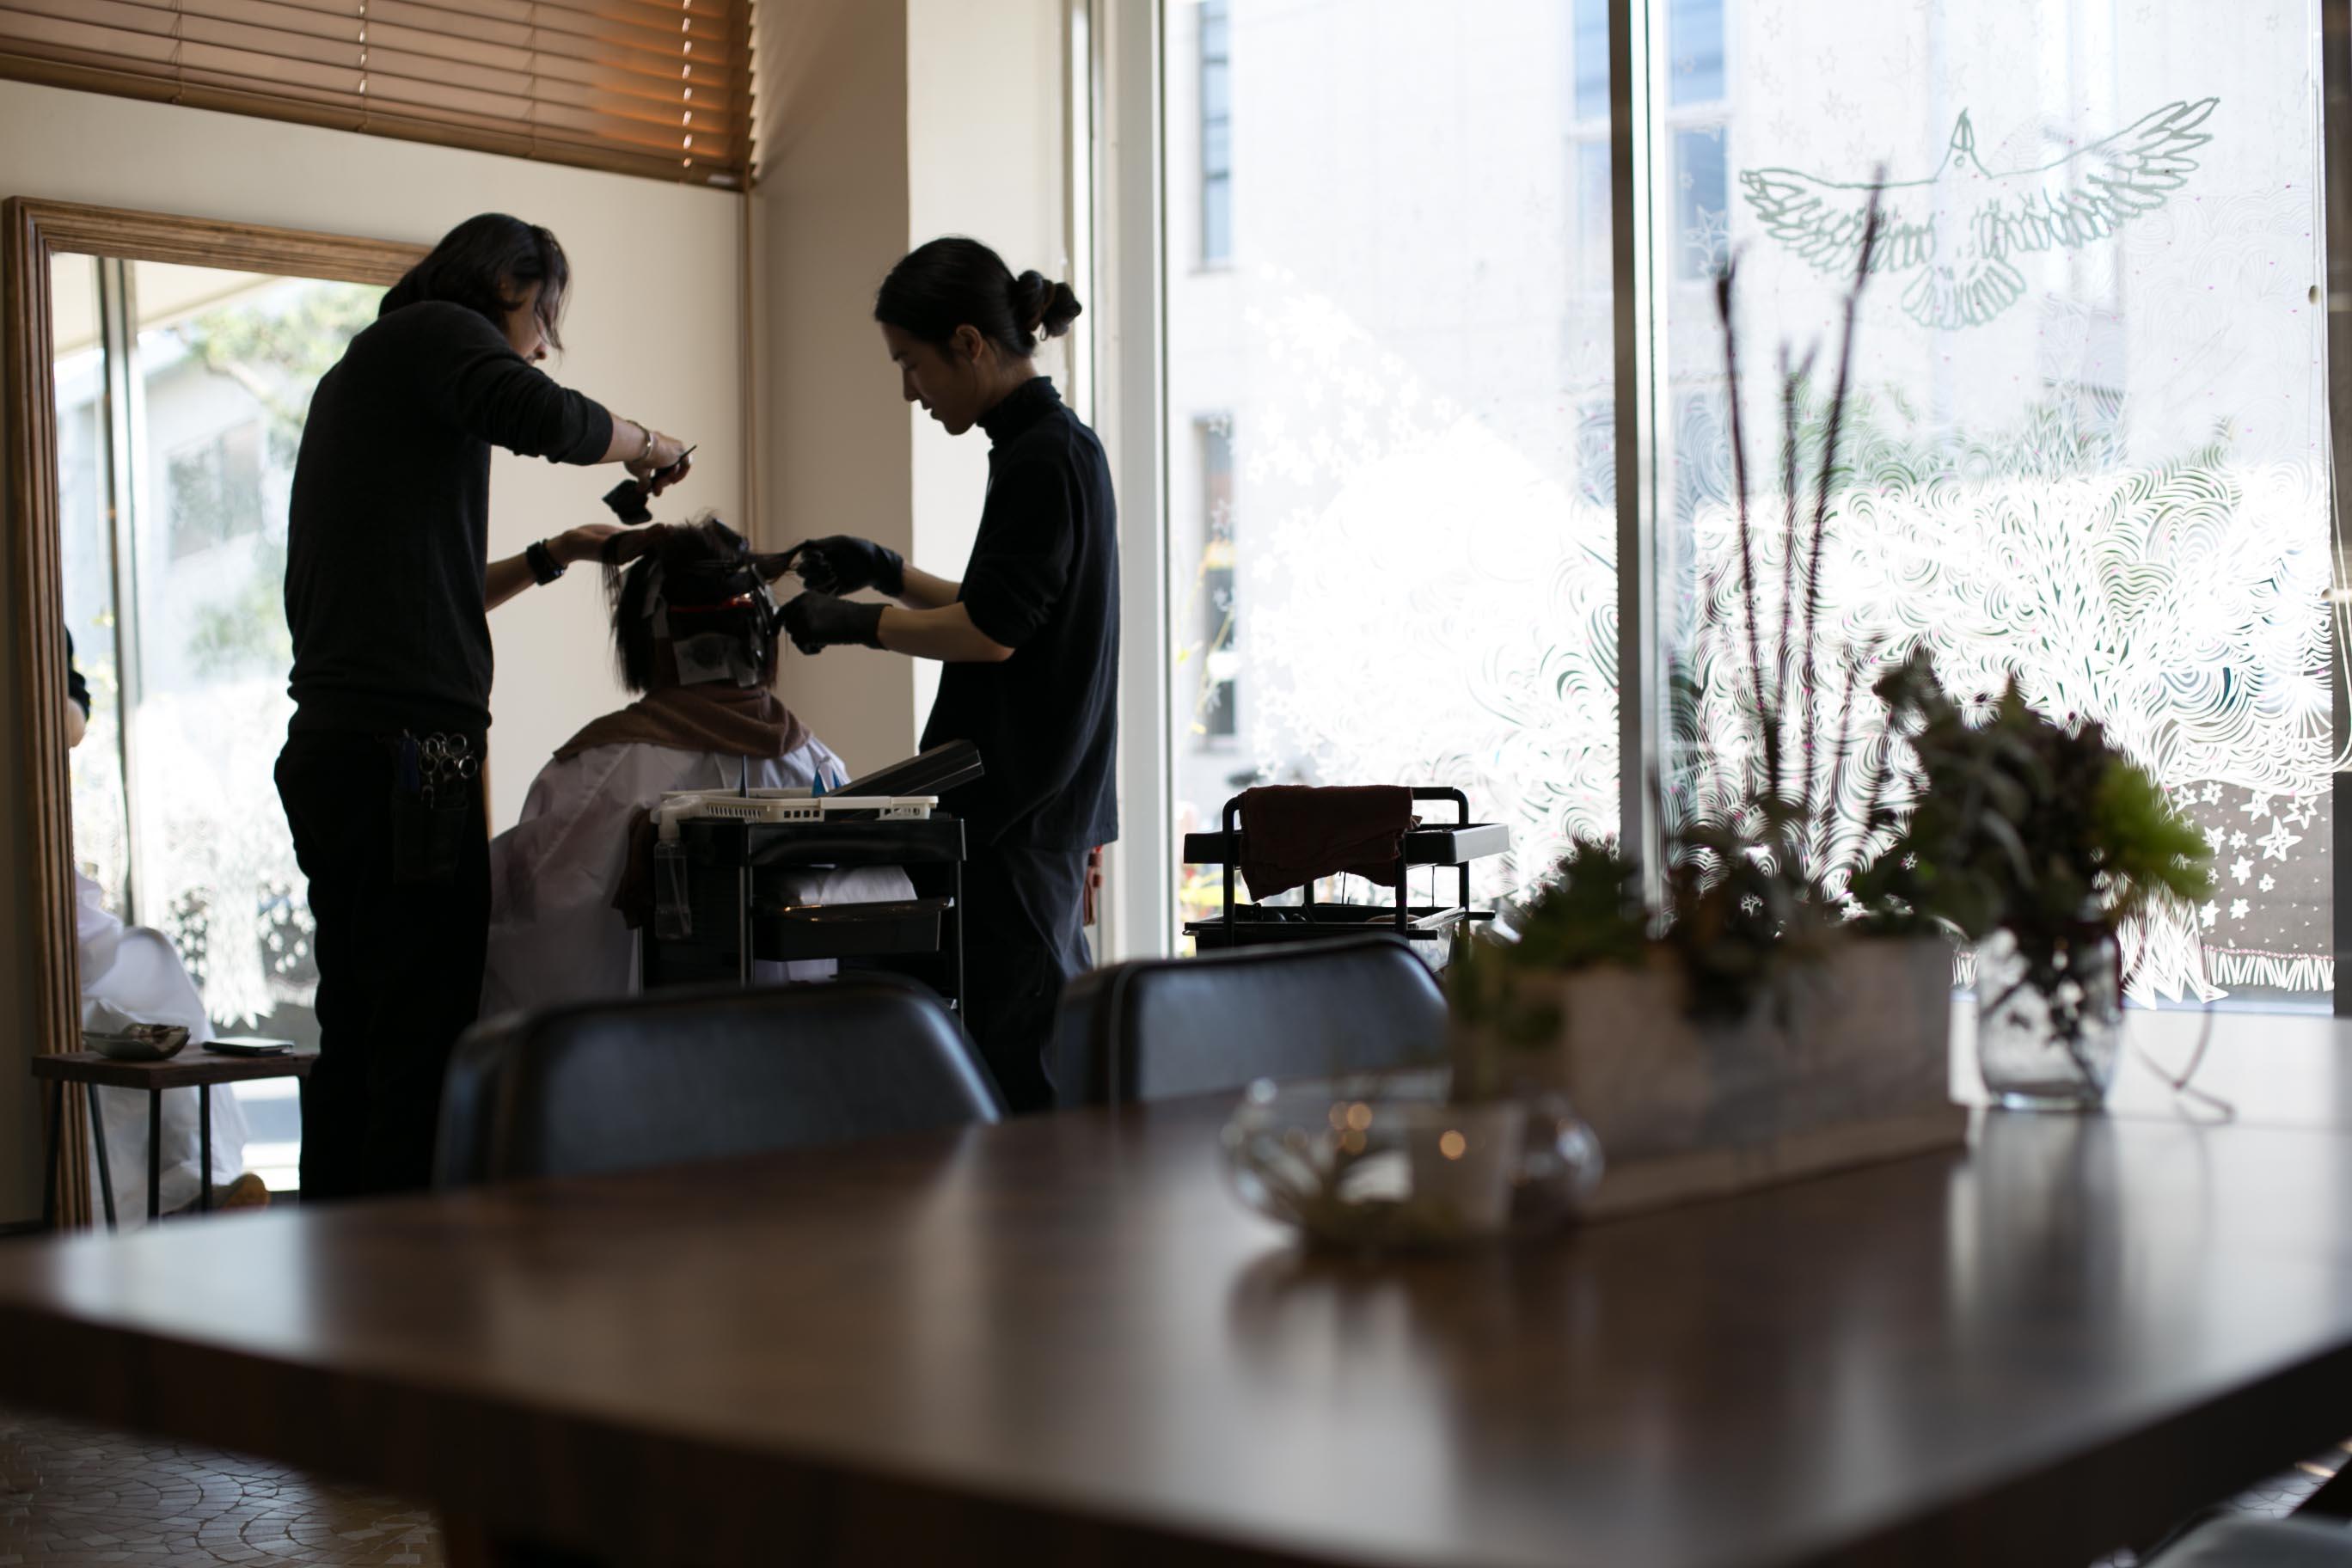 鎌倉 材木座海岸 美容室 double カフカ kafka スタイリスト募集 中途